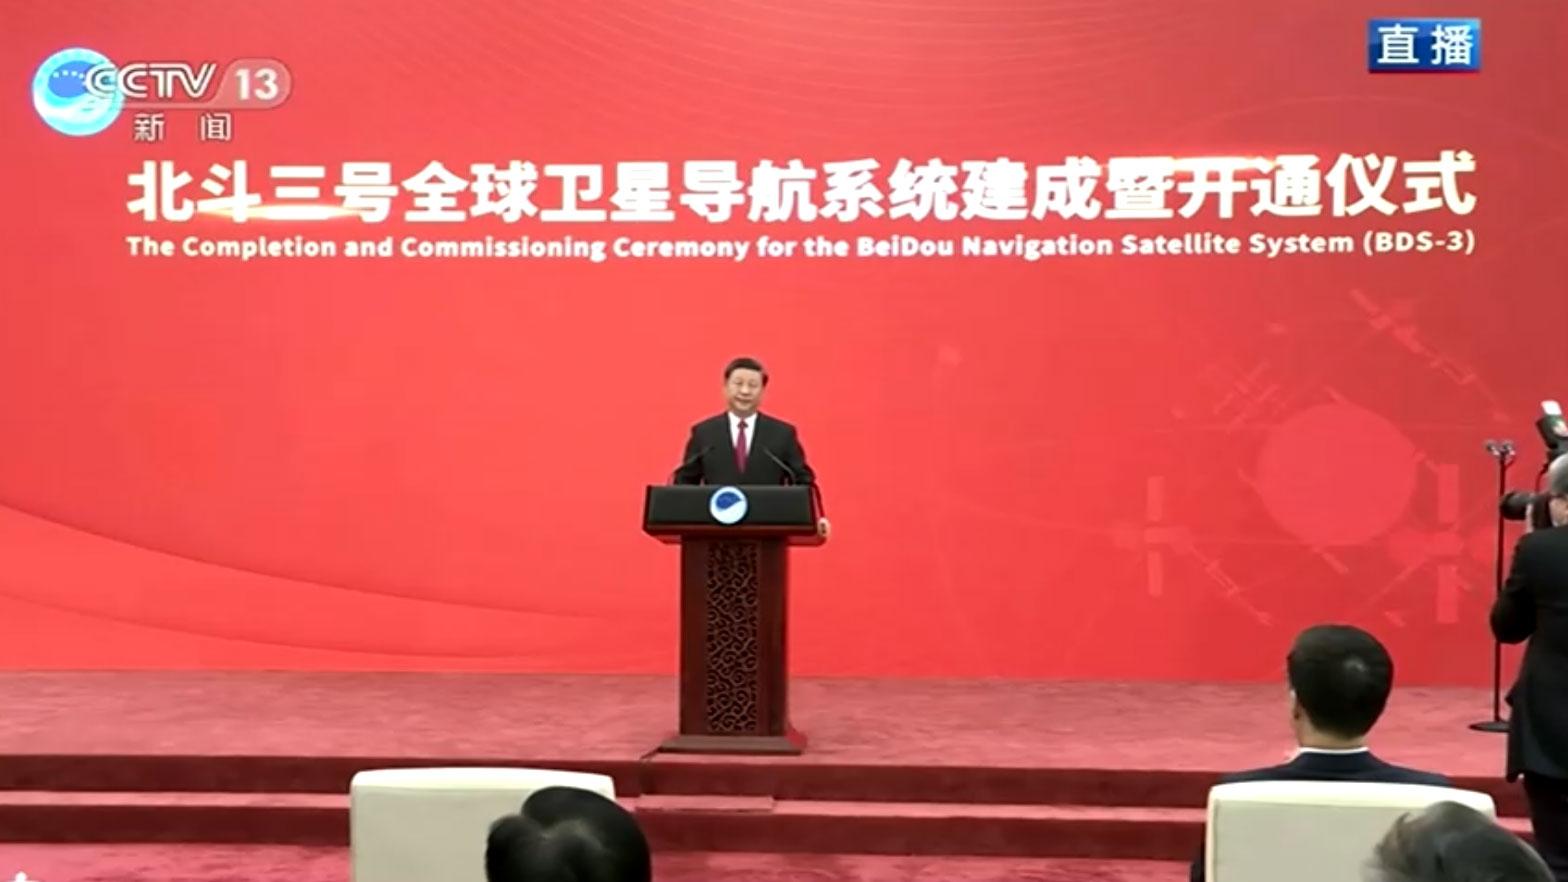 2020年7月31日,中共总书记习近平周五出席在北京人民大会堂举行的北斗三号系统建成暨开通仪式。(视频截图/CCTV/路透社)